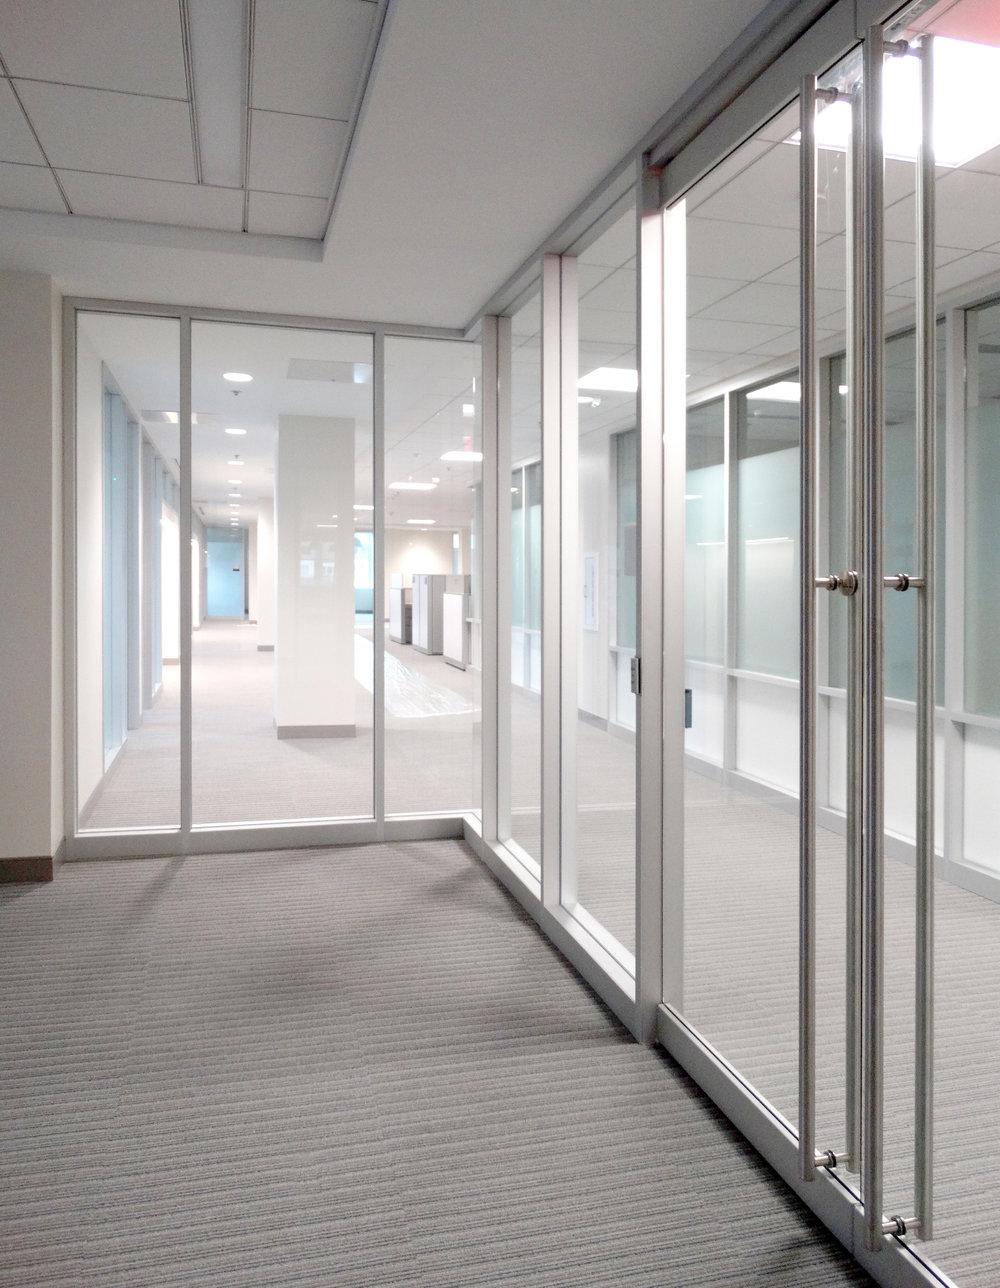 Encase Aluminum Framed Vertical Mullion Frameless Swing Doors - Spaceworks AI.jpg